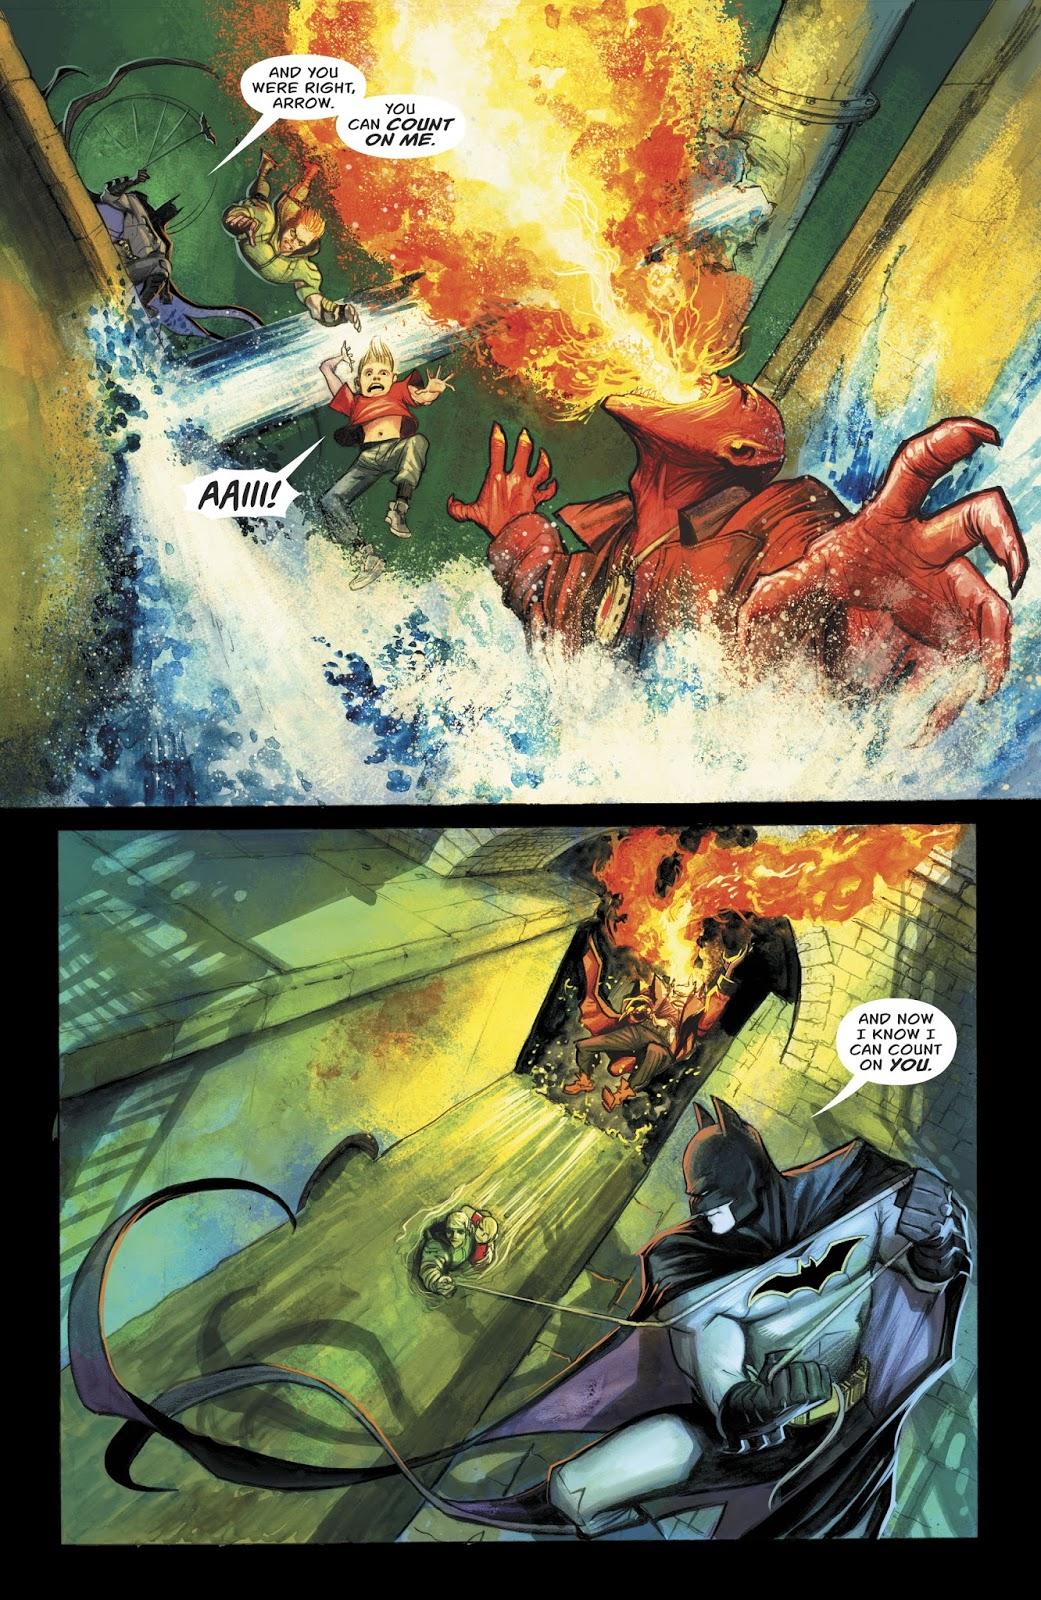 Green Arrow And Batman VS The Burned